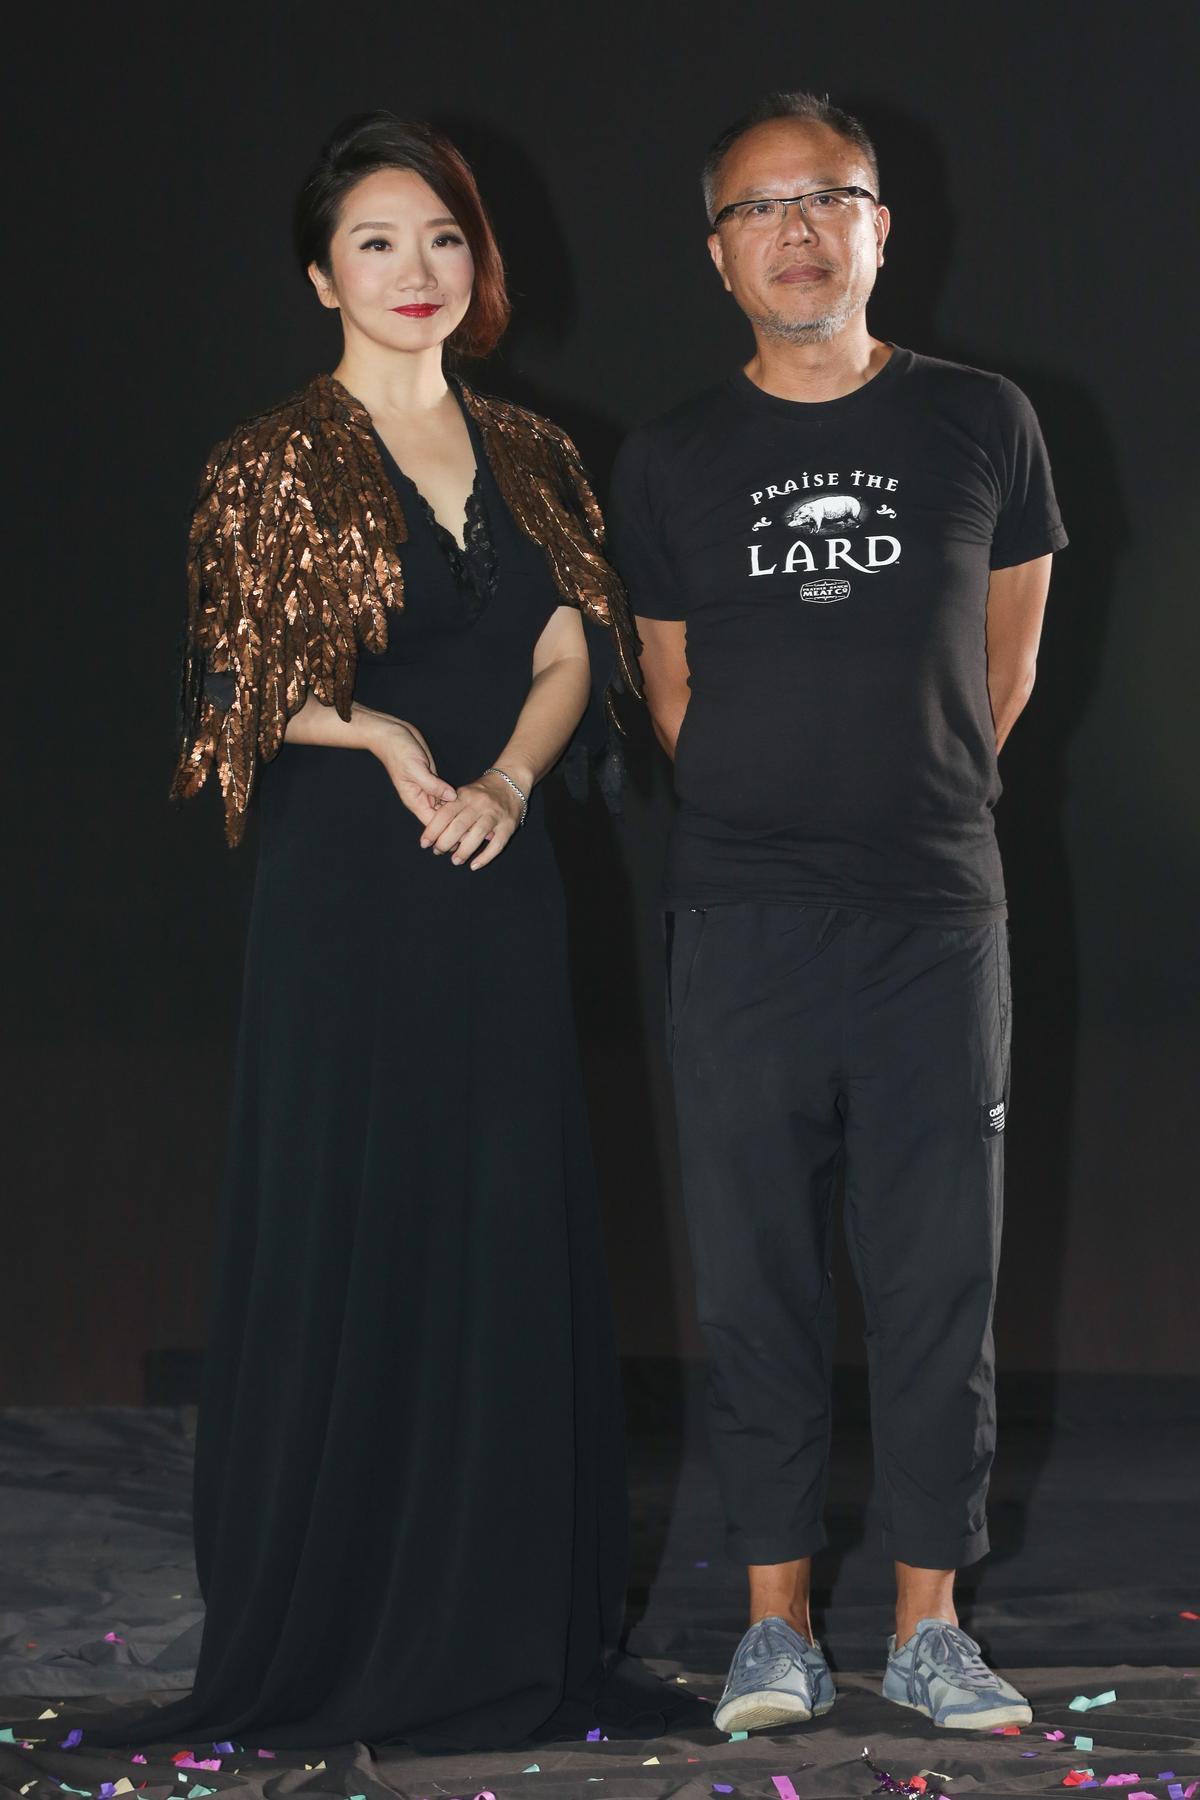 鍾孟宏與陶晶瑩合作愉快,在這次拍攝後,鍾孟宏更答應若陶晶瑩執導演筒,他就來幫她攝影。(陳仁萱攝)